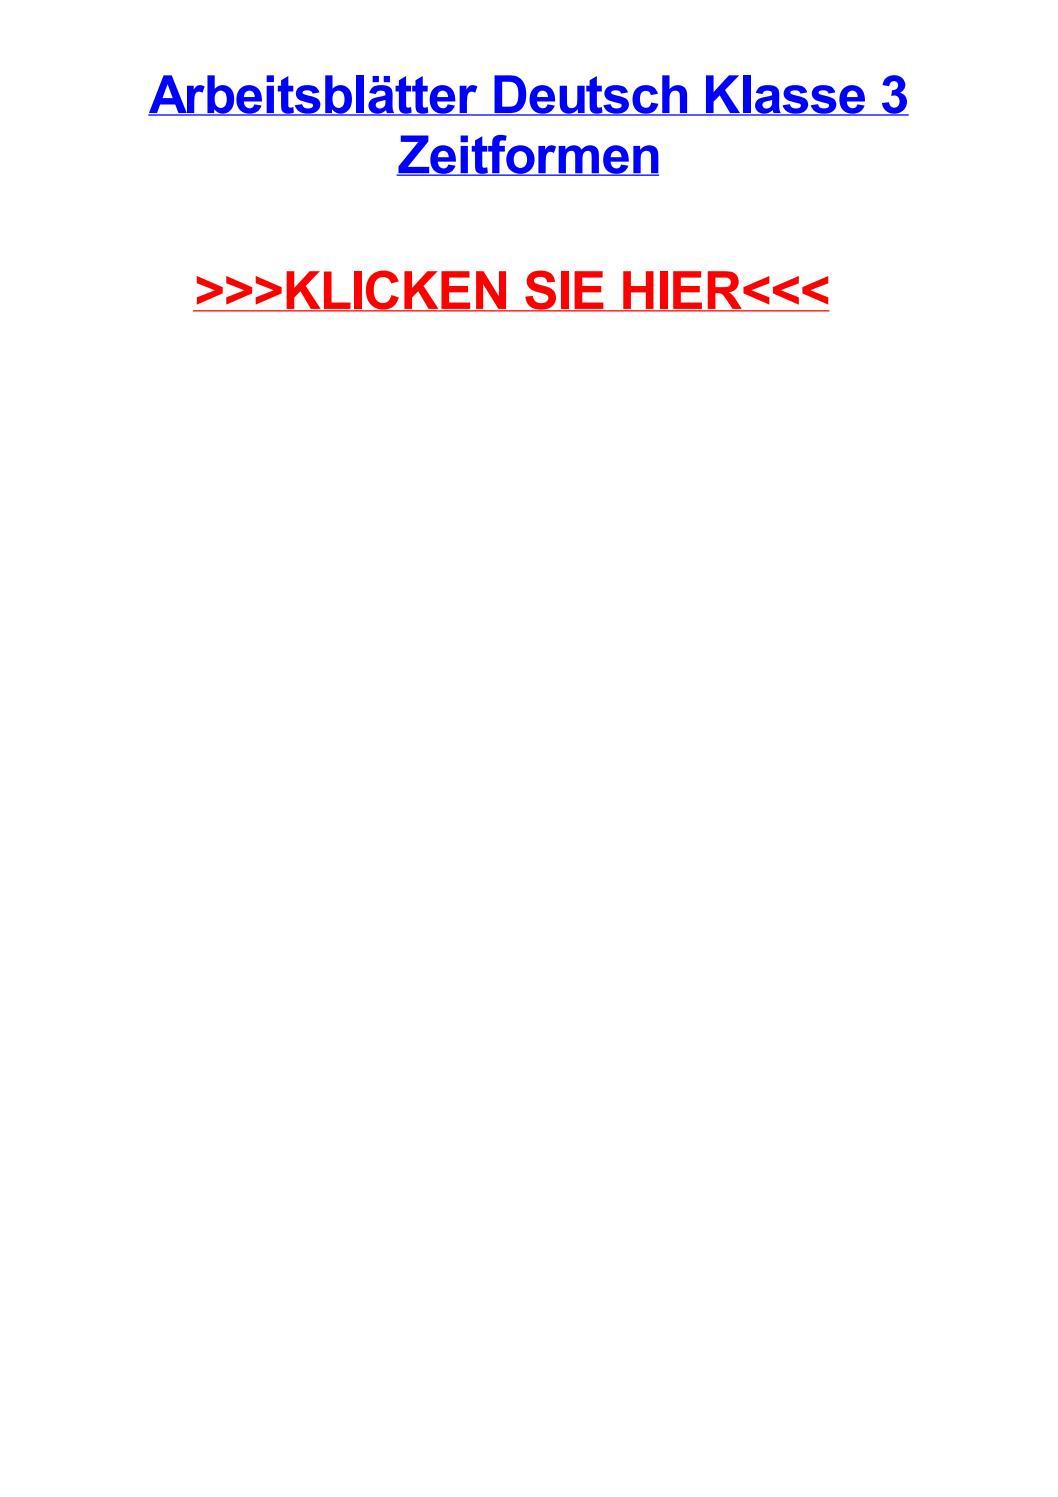 Arbeitsbltter deutsch klasse 3 zeitformen by missyplrv - issuu